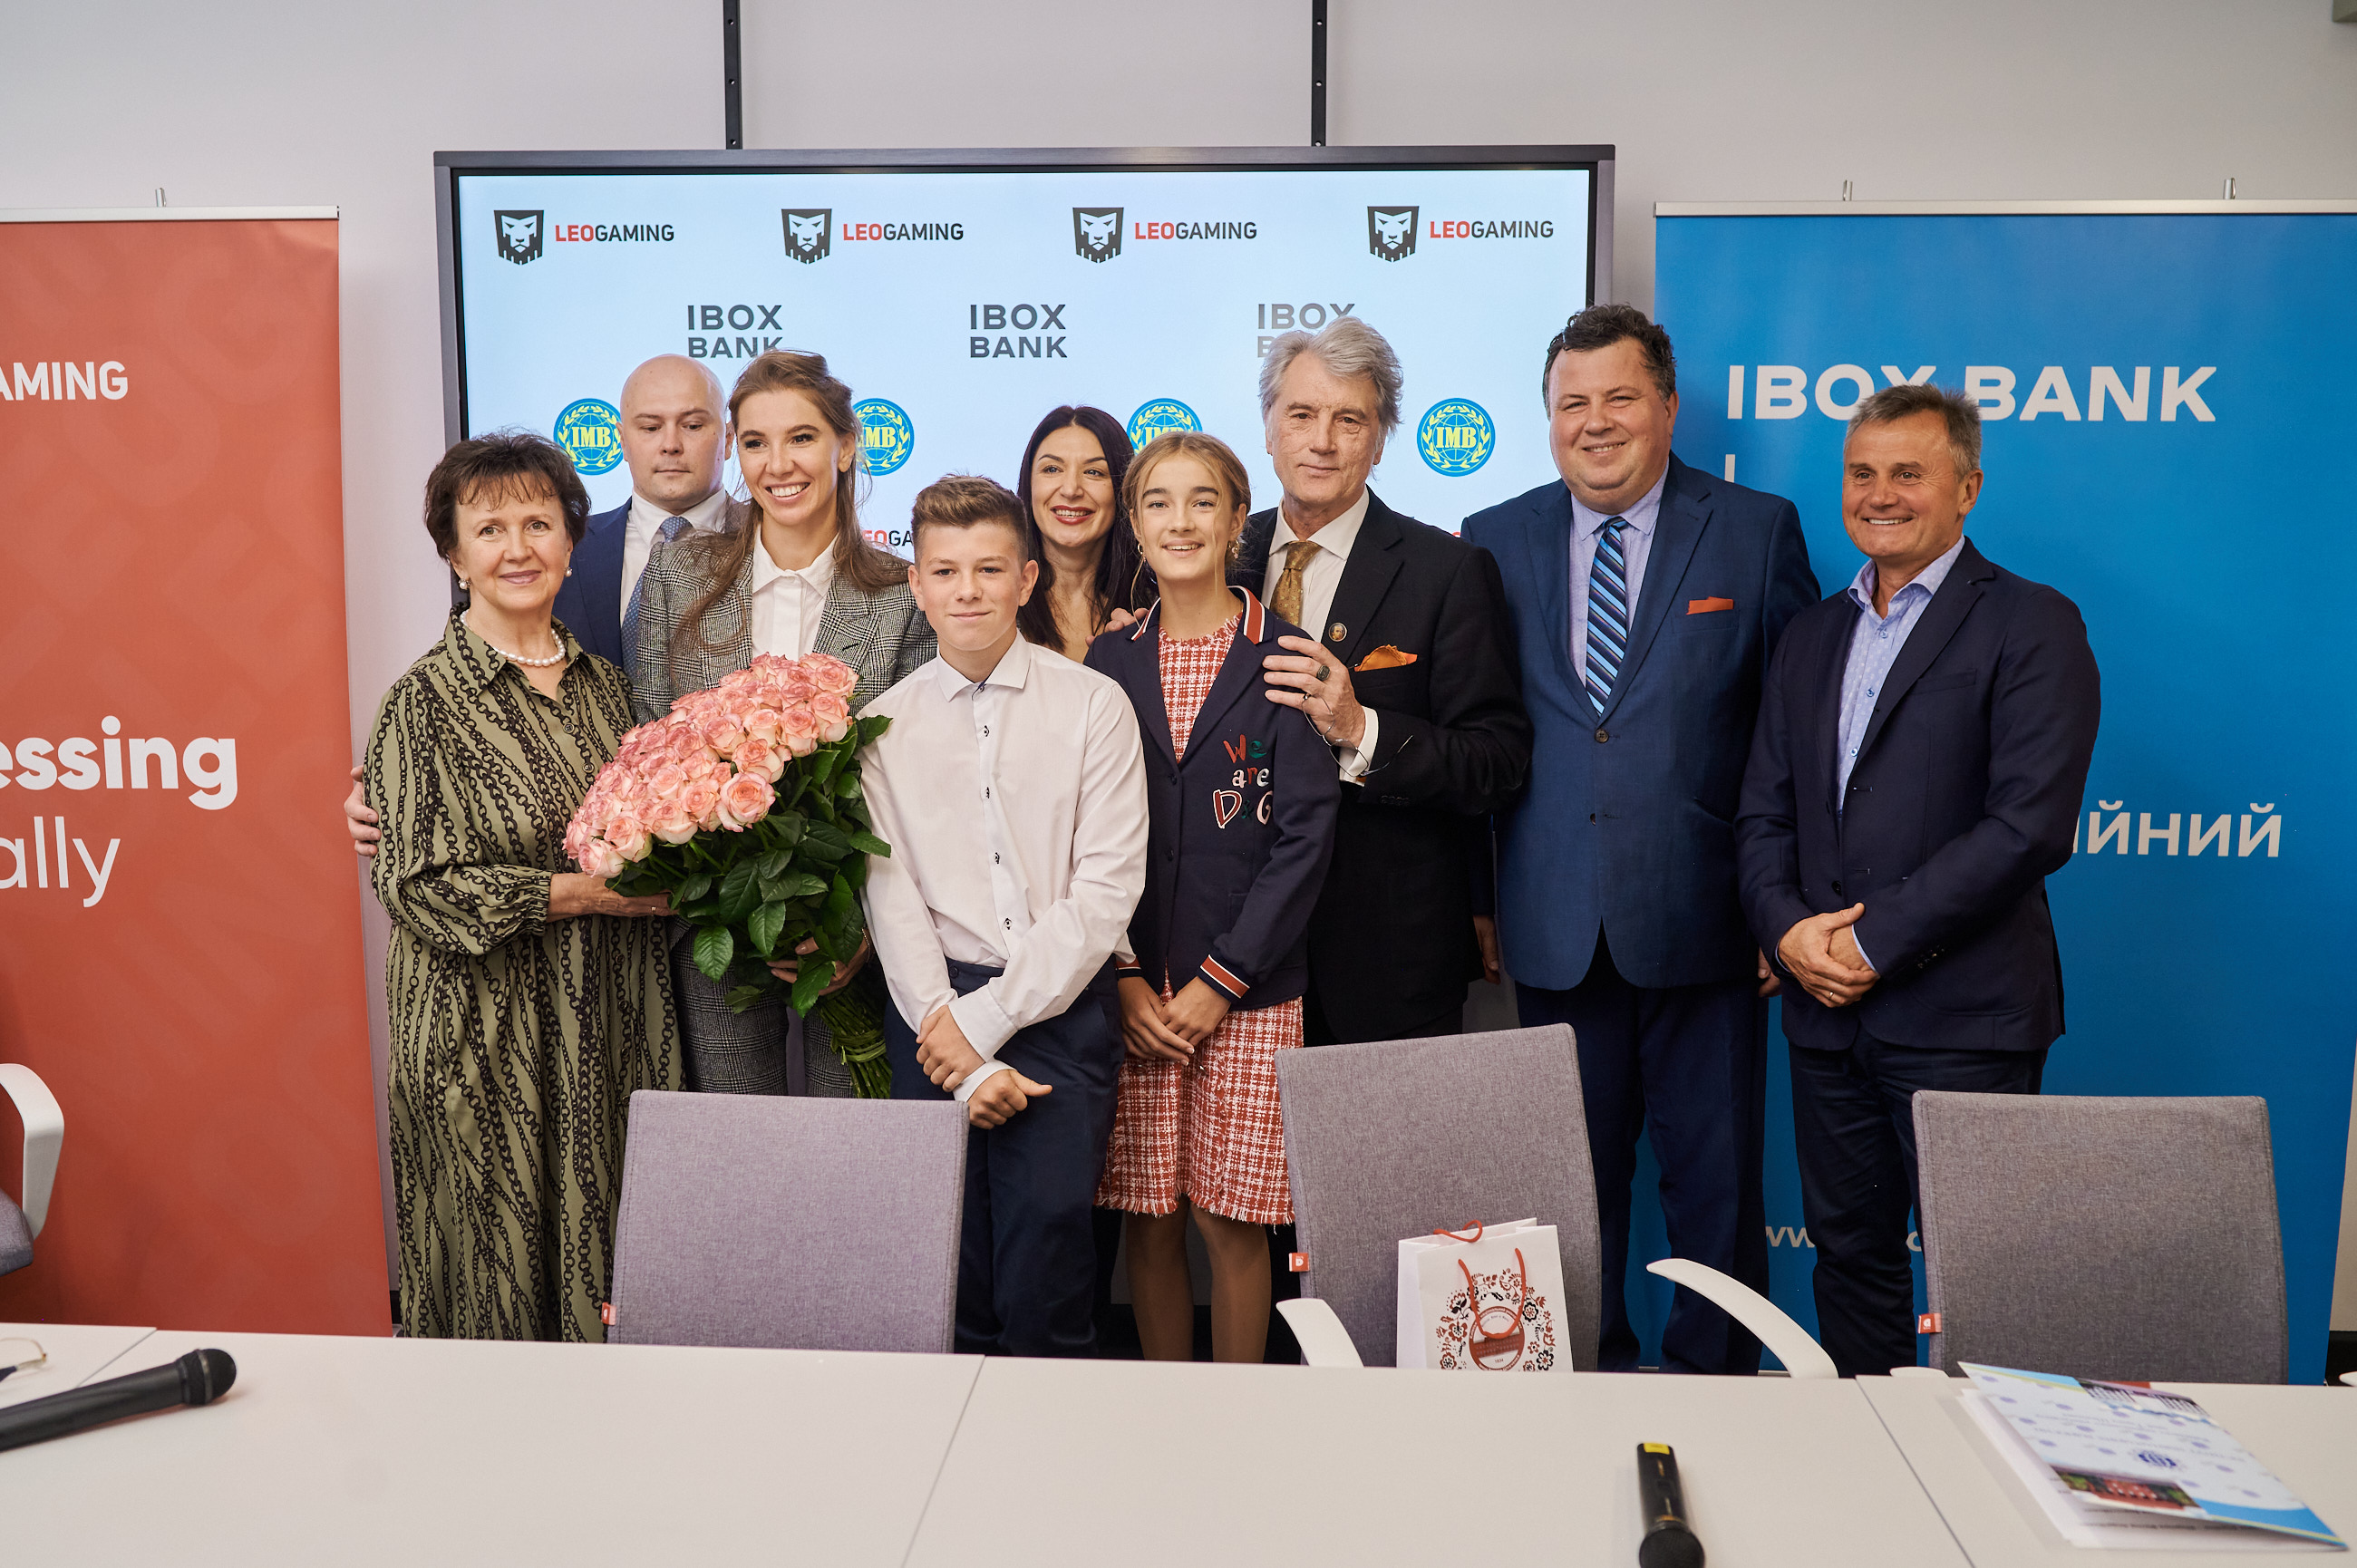 В Институте международных отношений открыли интерактивный образовательный центр